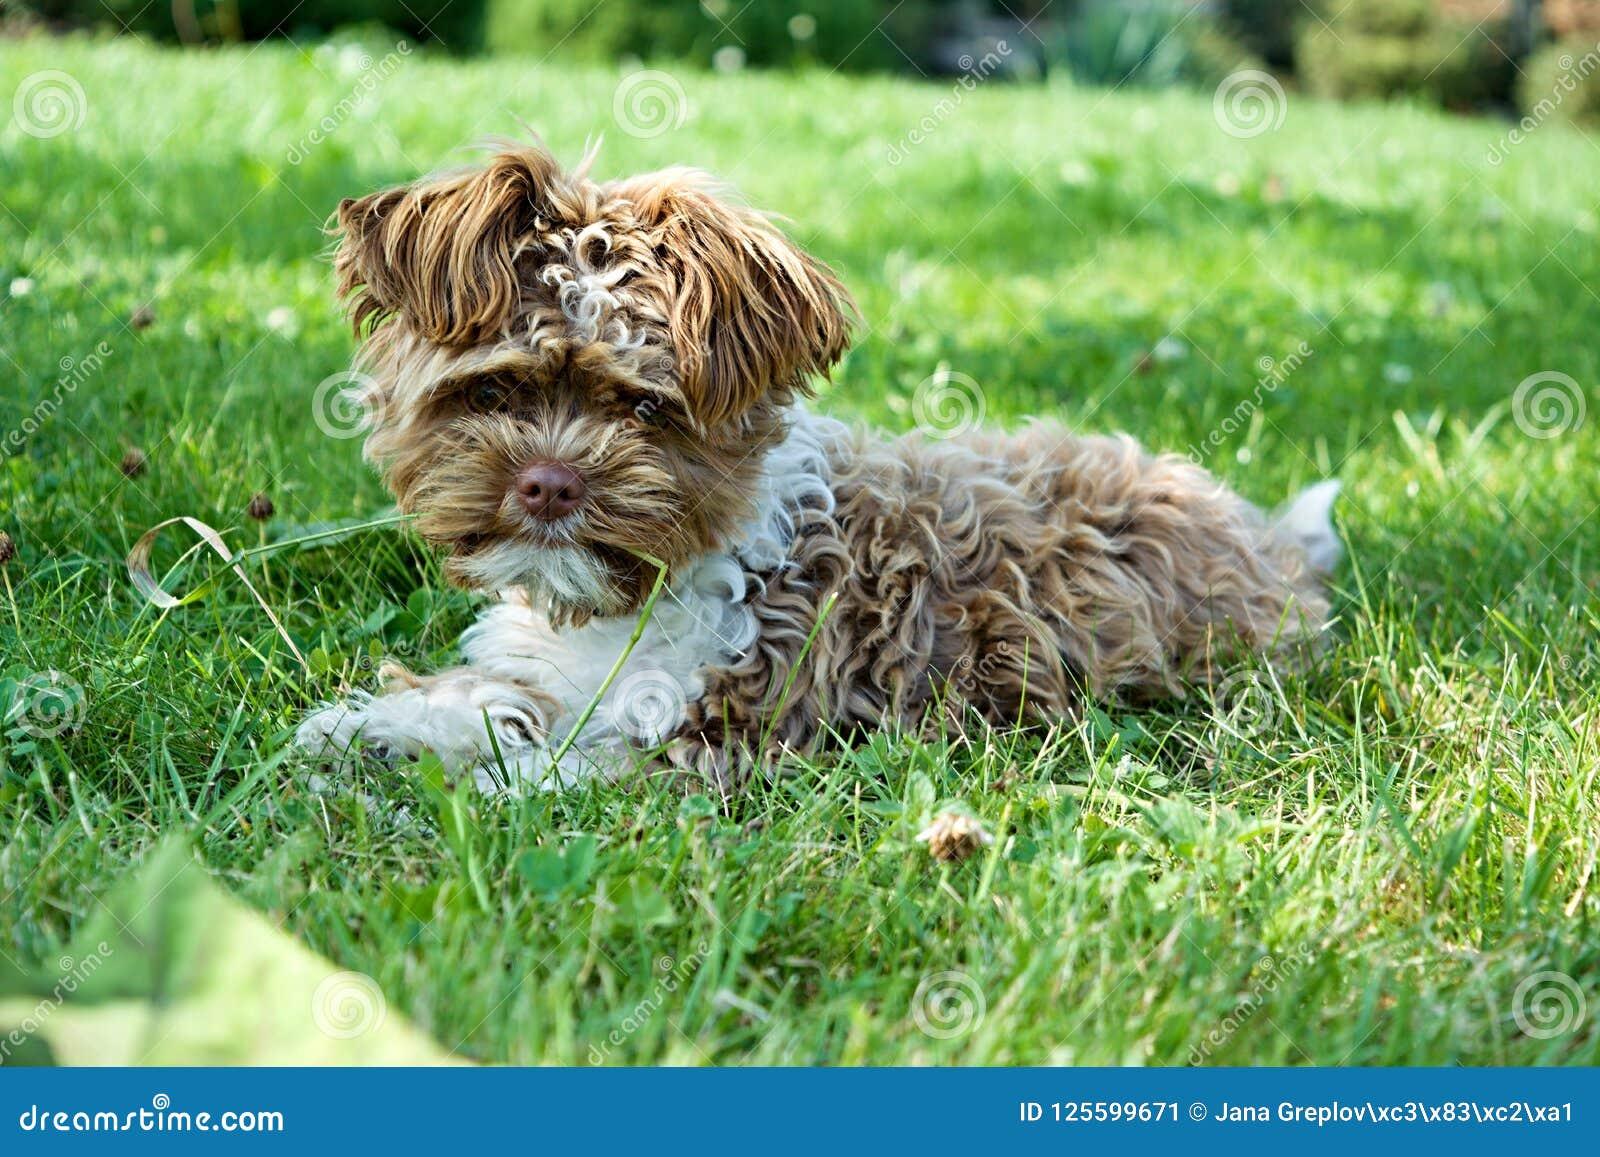 Little puppy of Bichon Frise Bichon á poil frisé